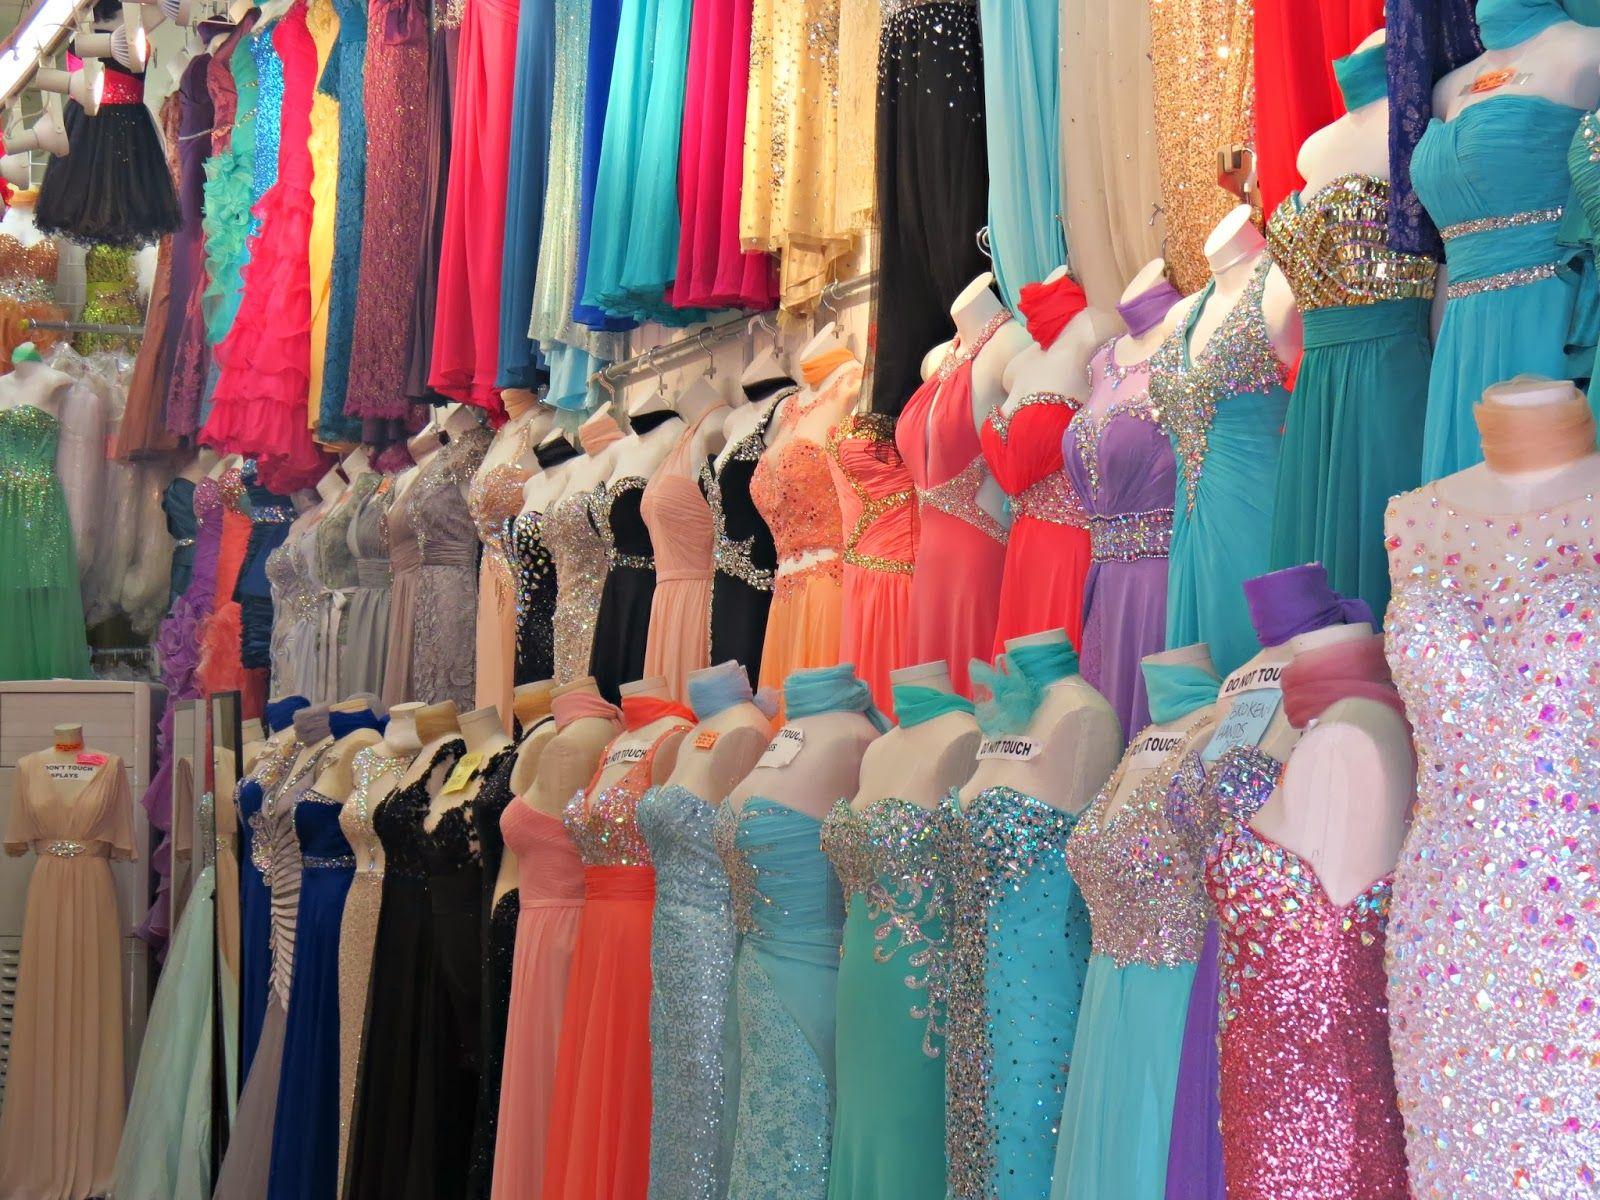 La Fashion District La Fashion District 2014 Prom Dress Shopping Guide Prom Dress Shopping Prom Dresses La Fashion District